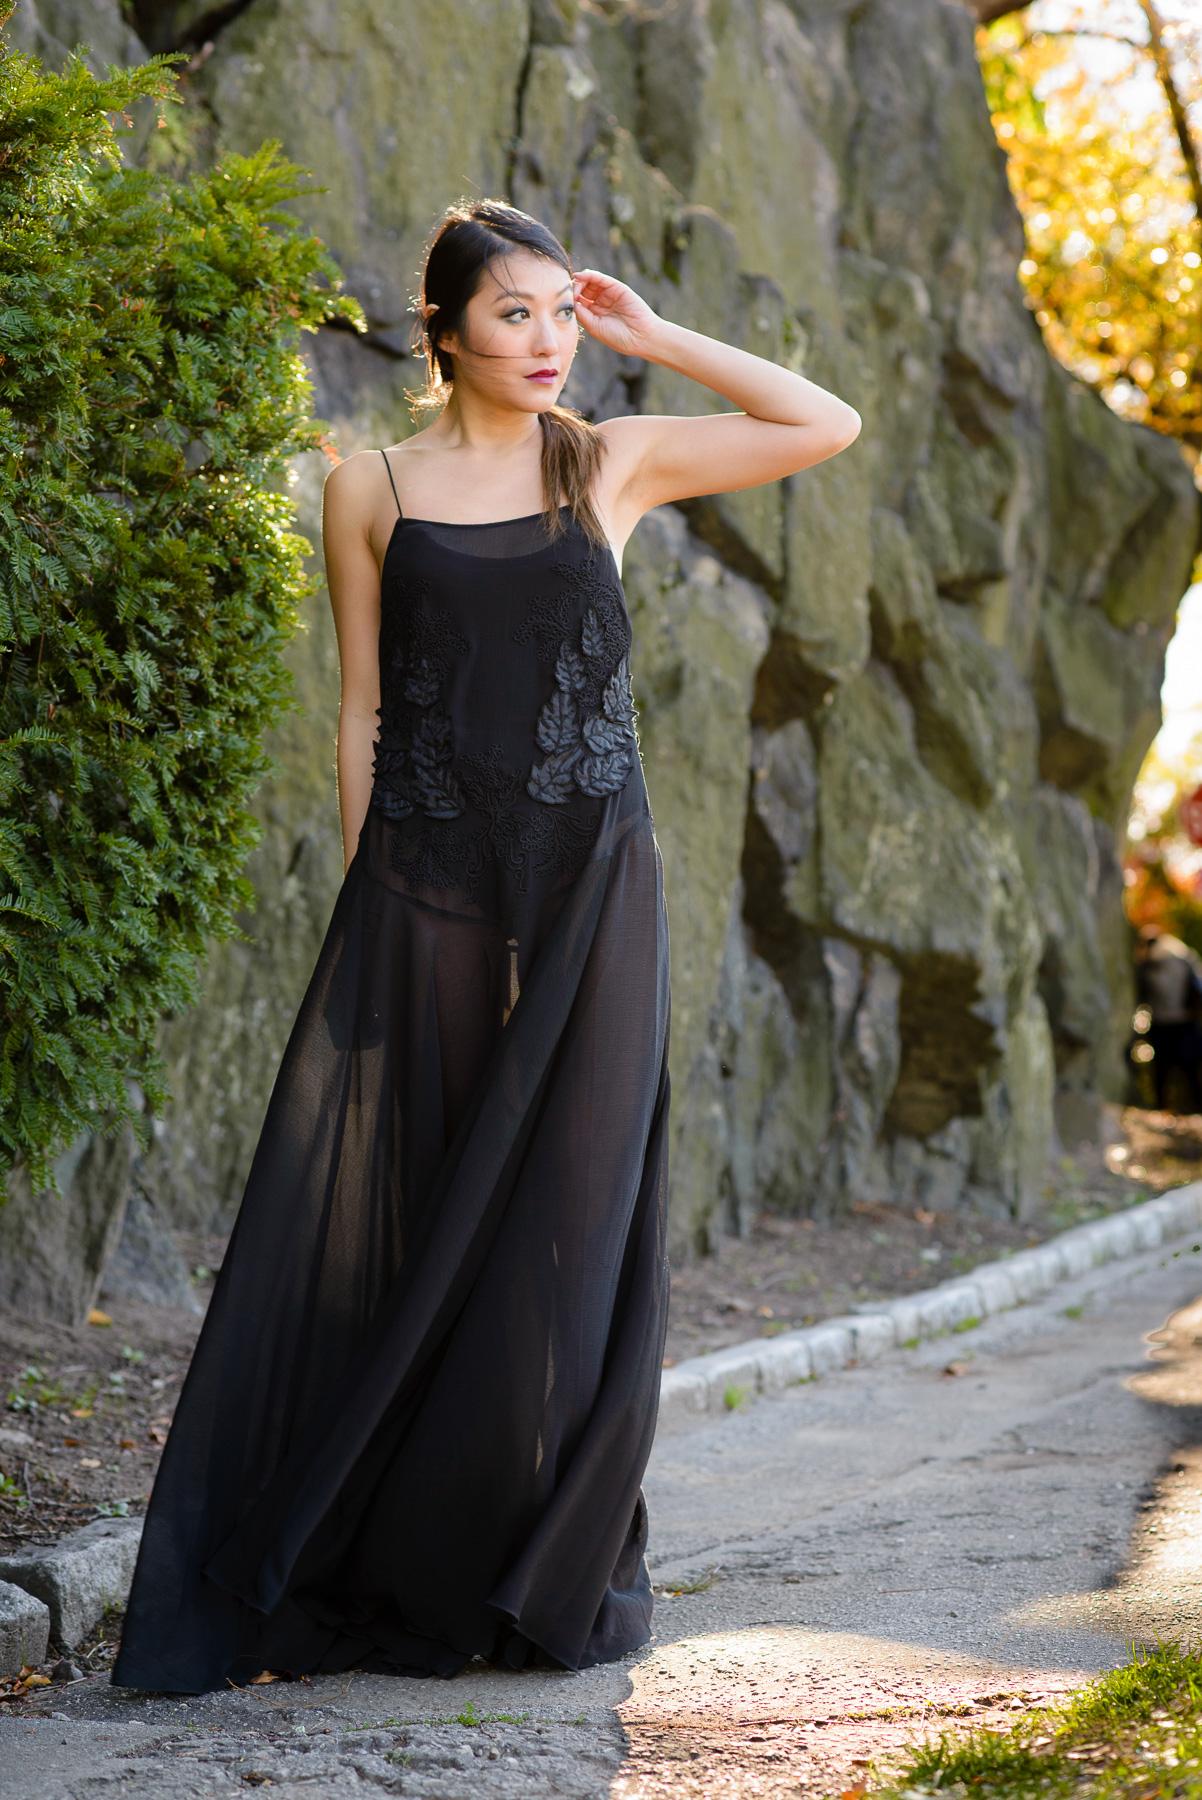 blackdress_embroidered8.jpg